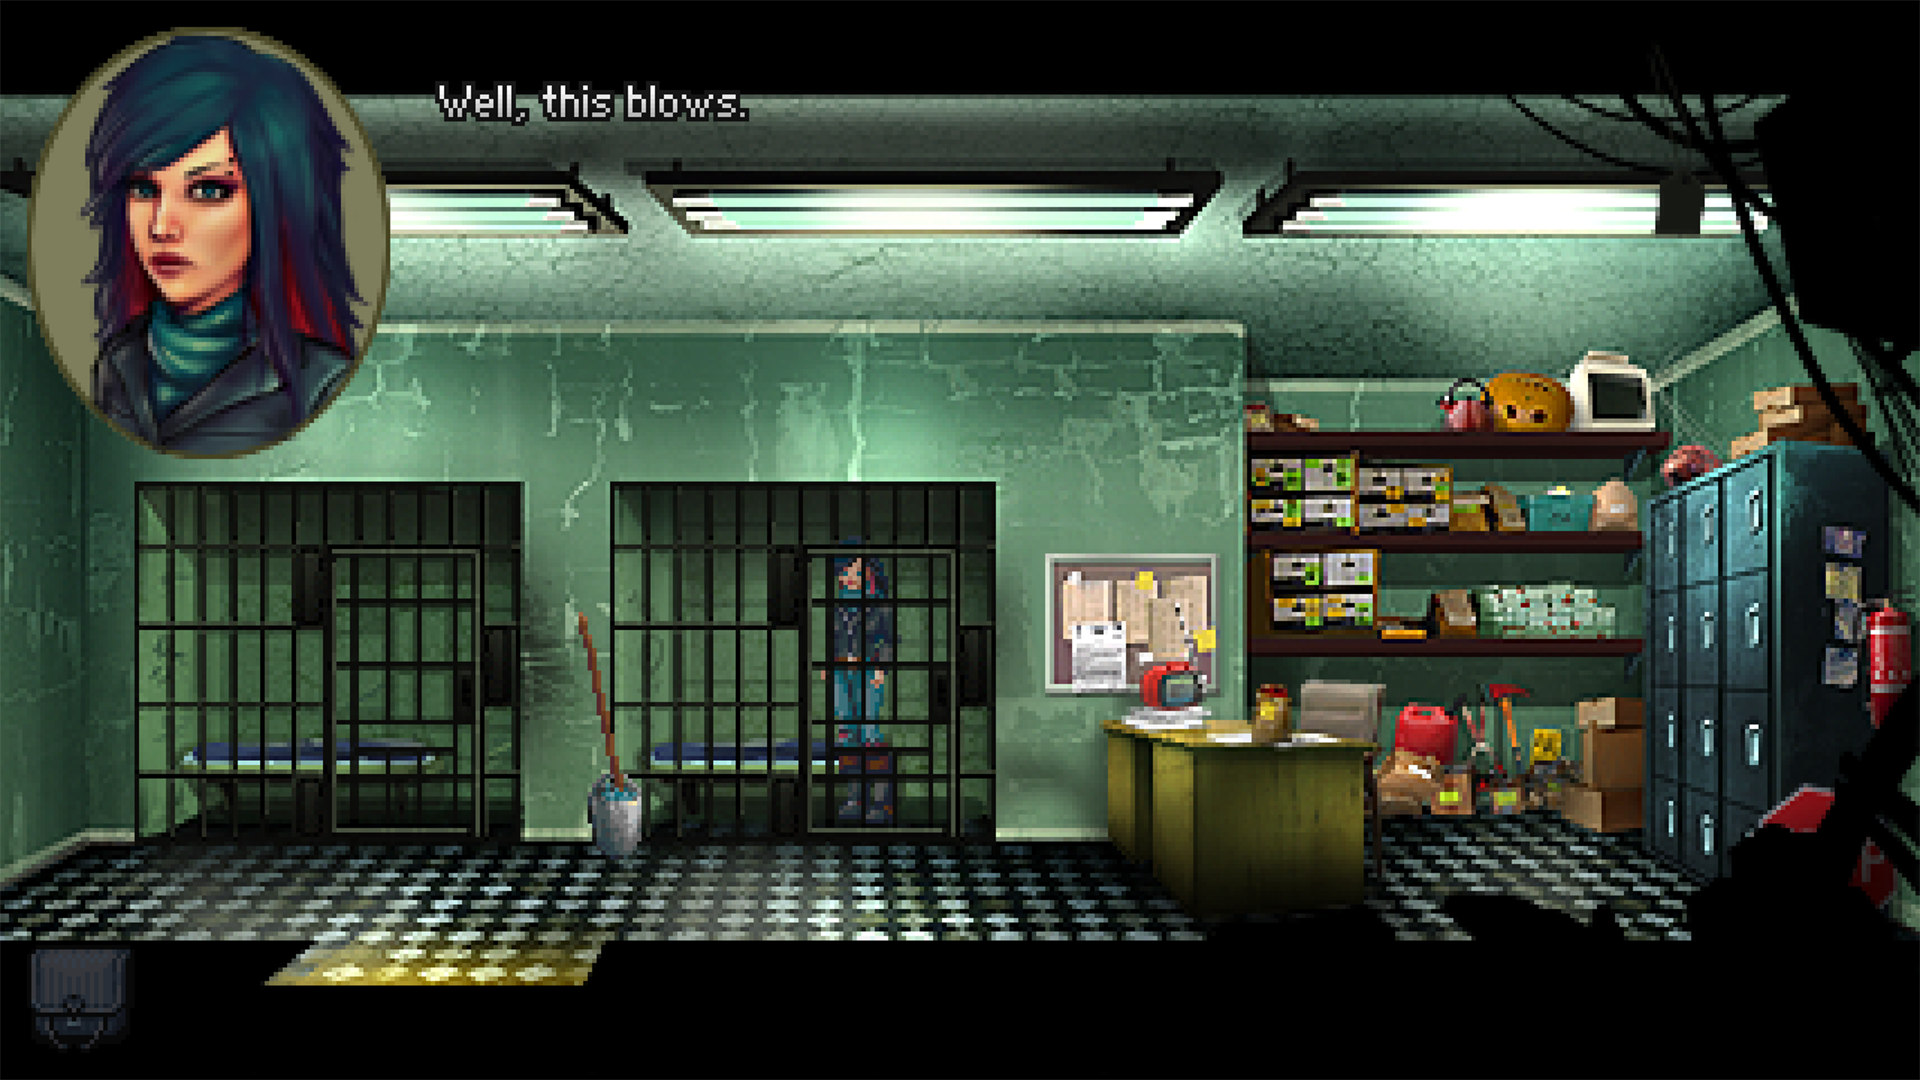 Kathy in jail in a Kathy Rain: Director's Cut screenshot.